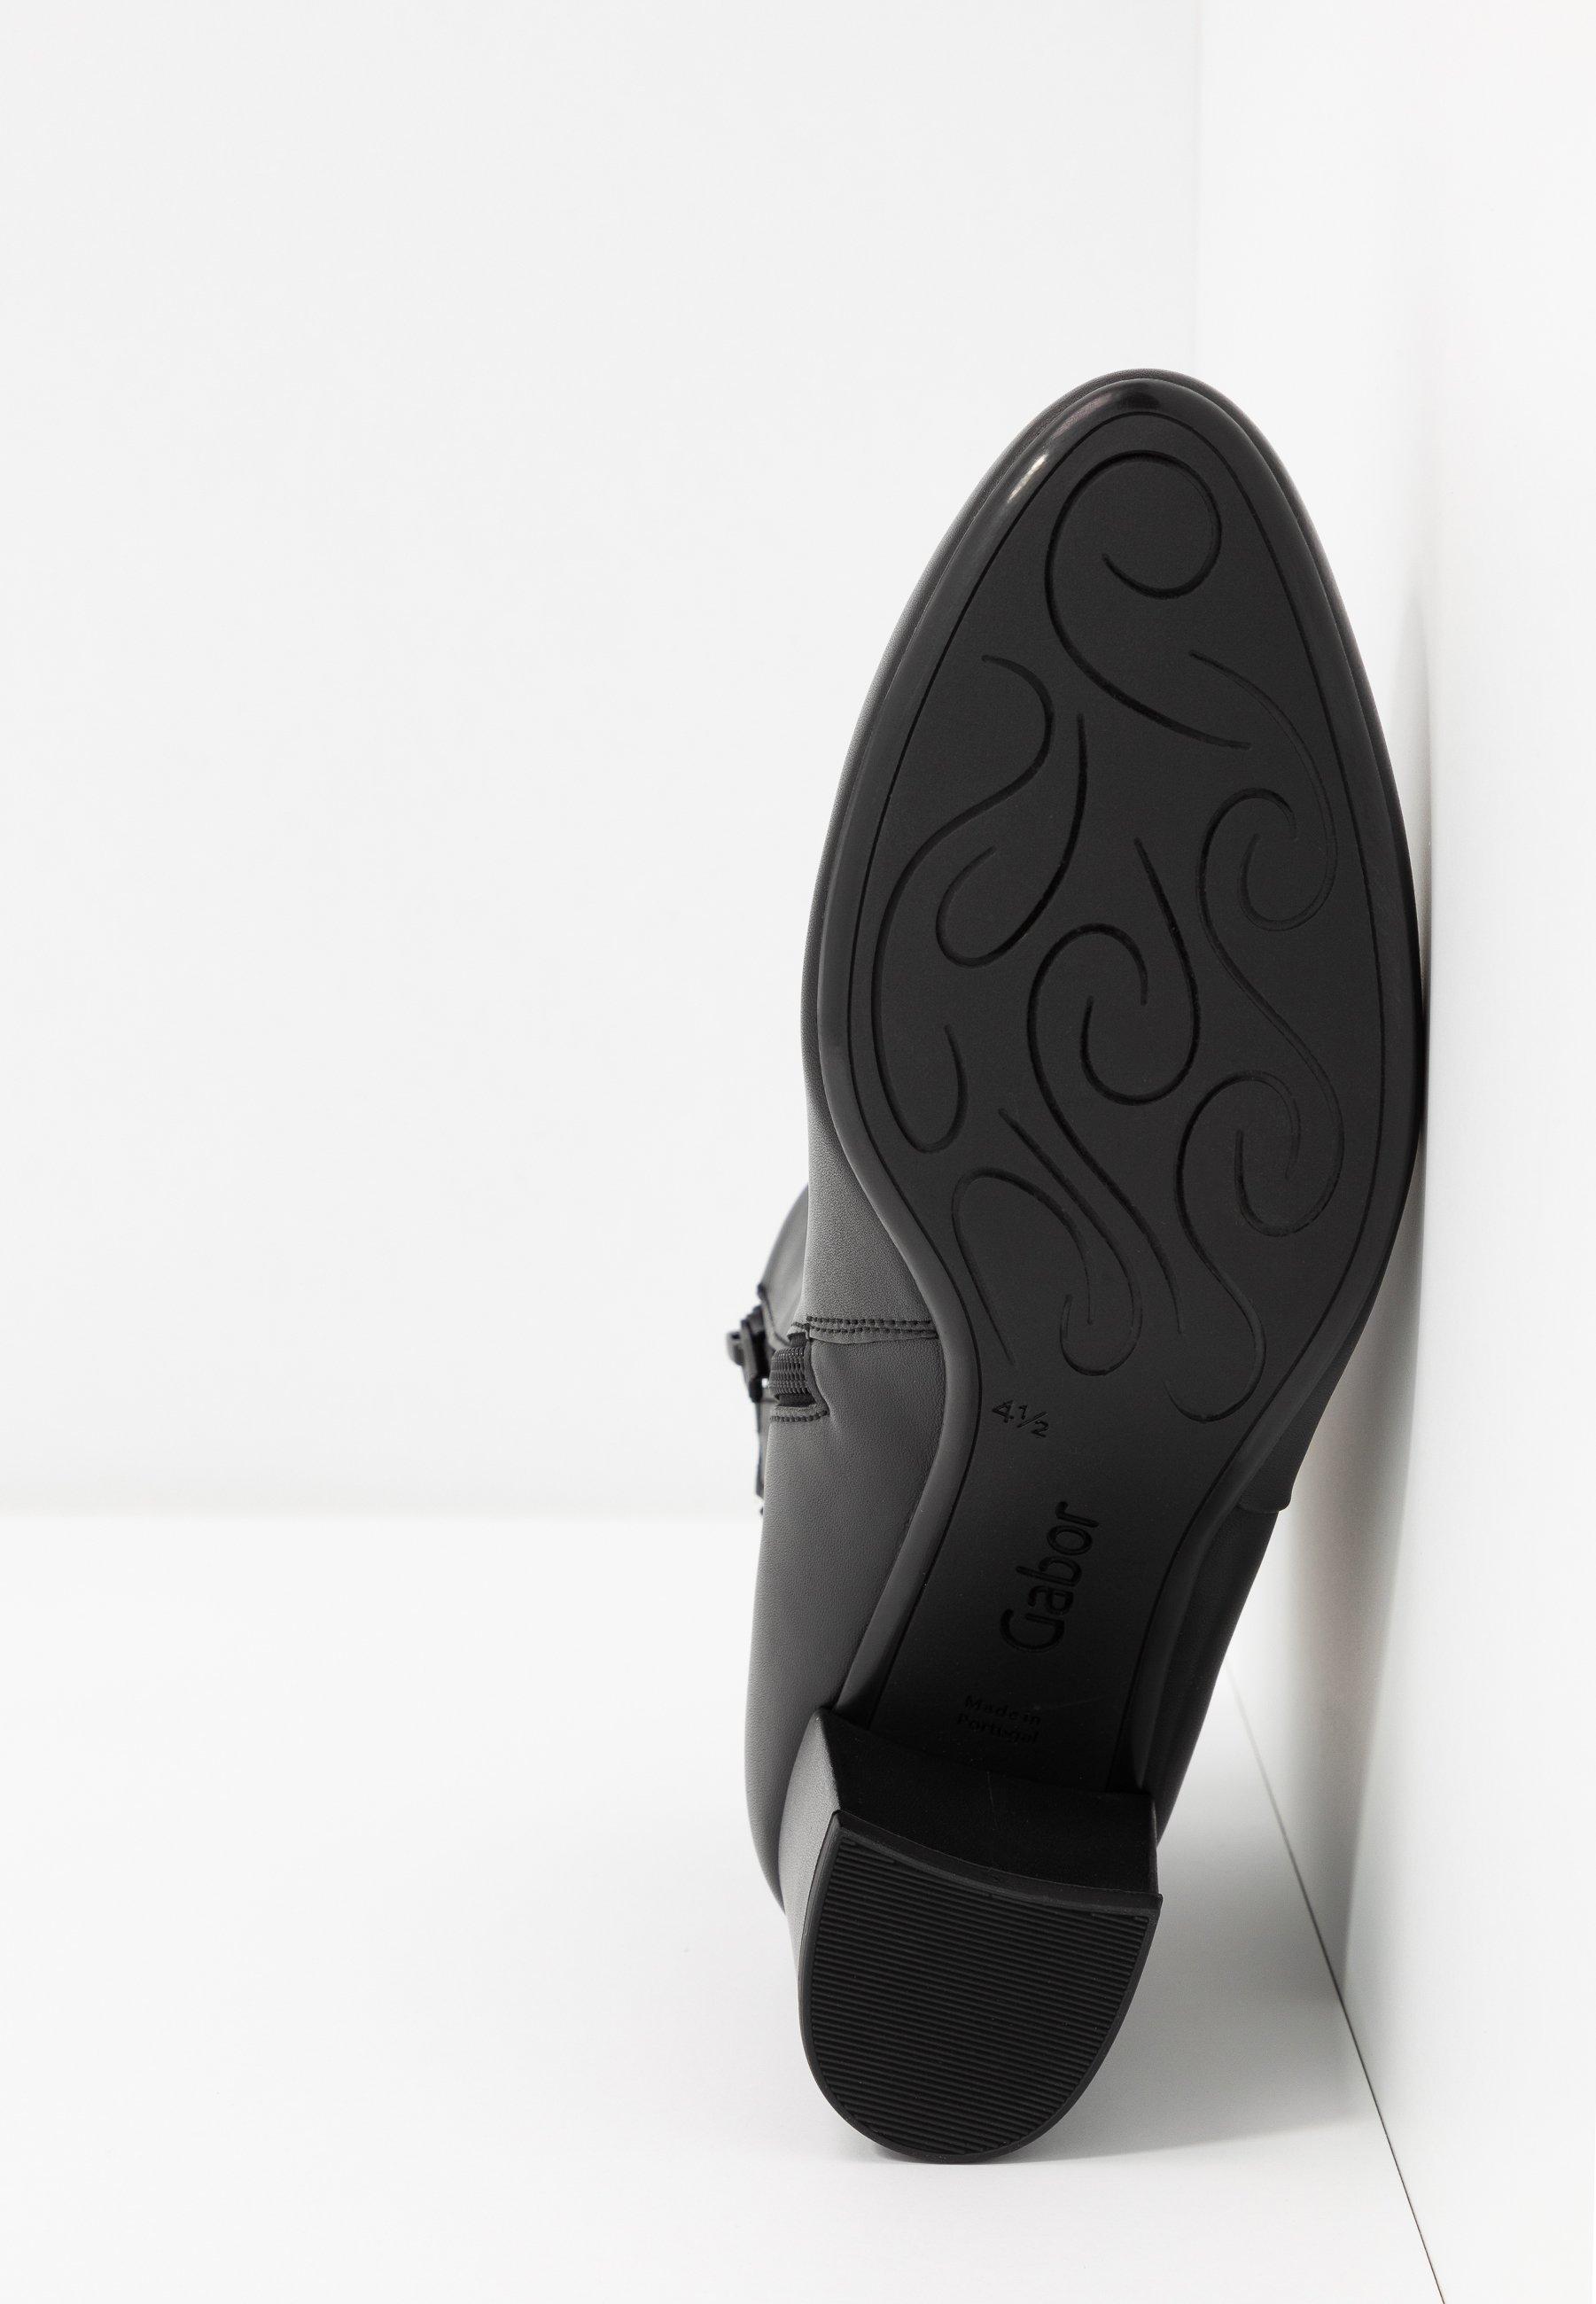 Prezzo incredibile Scarpe da Donna Gabor Stivaletti schwarz